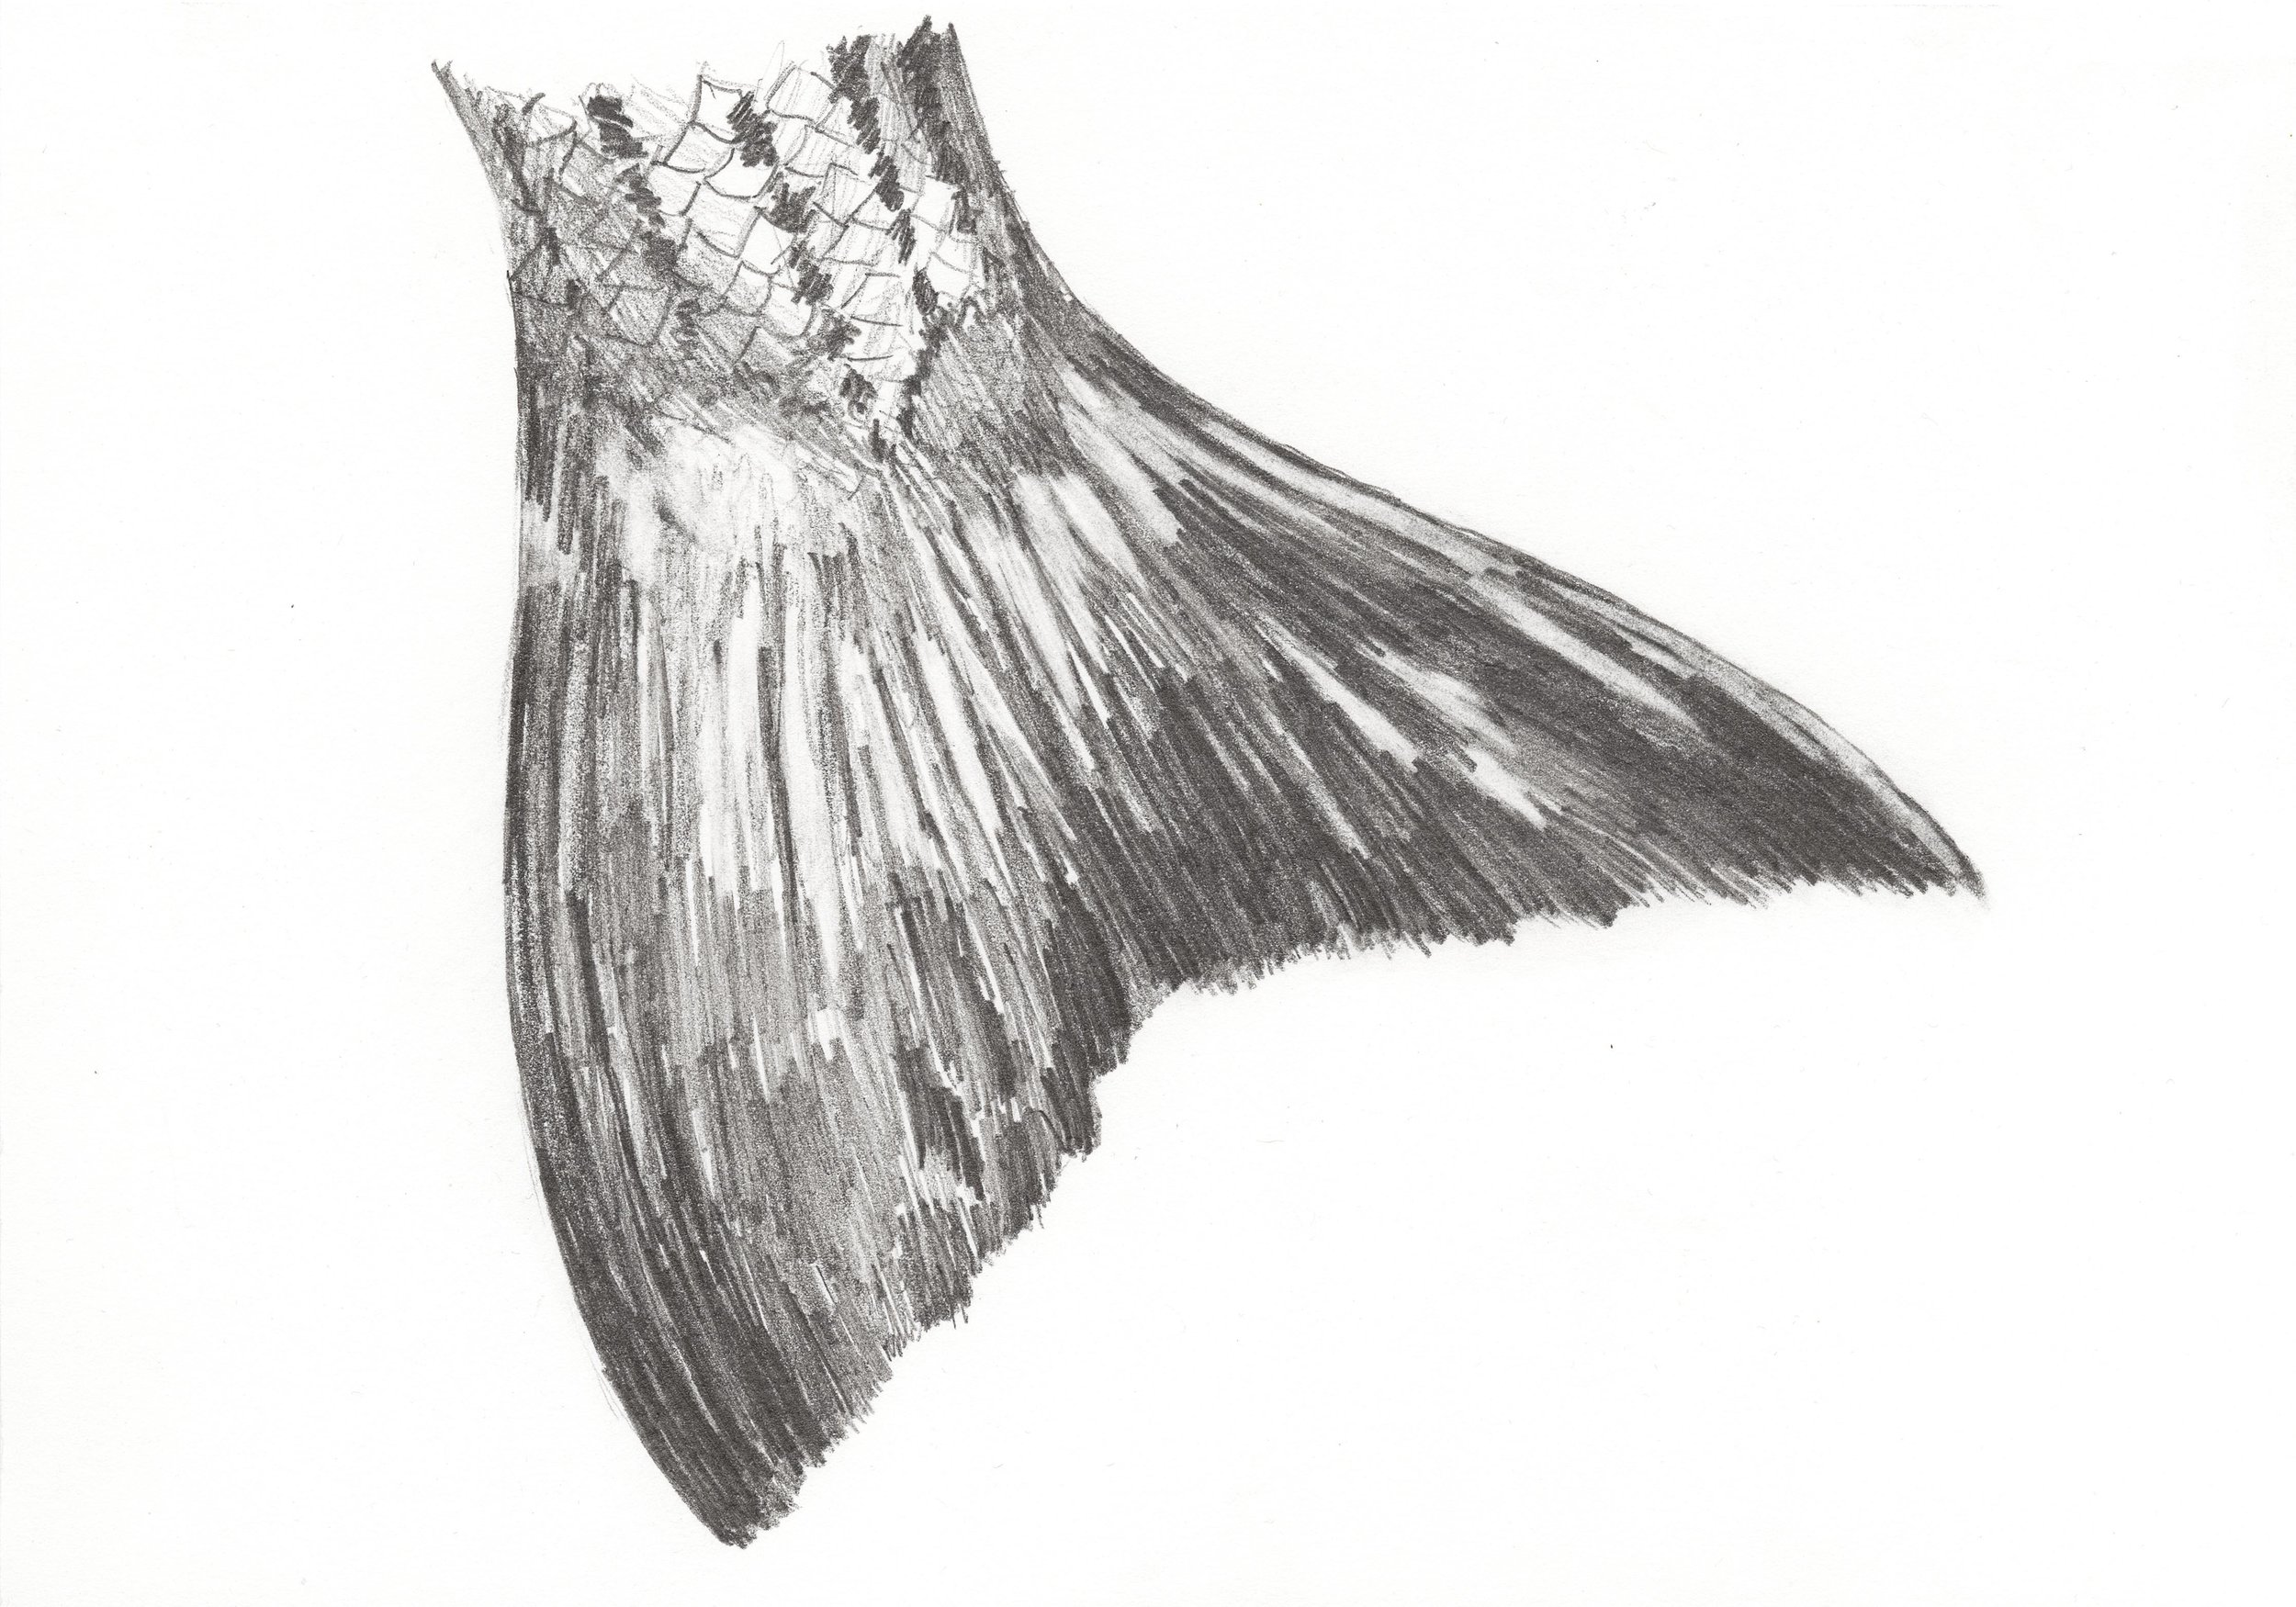 Broom Tail